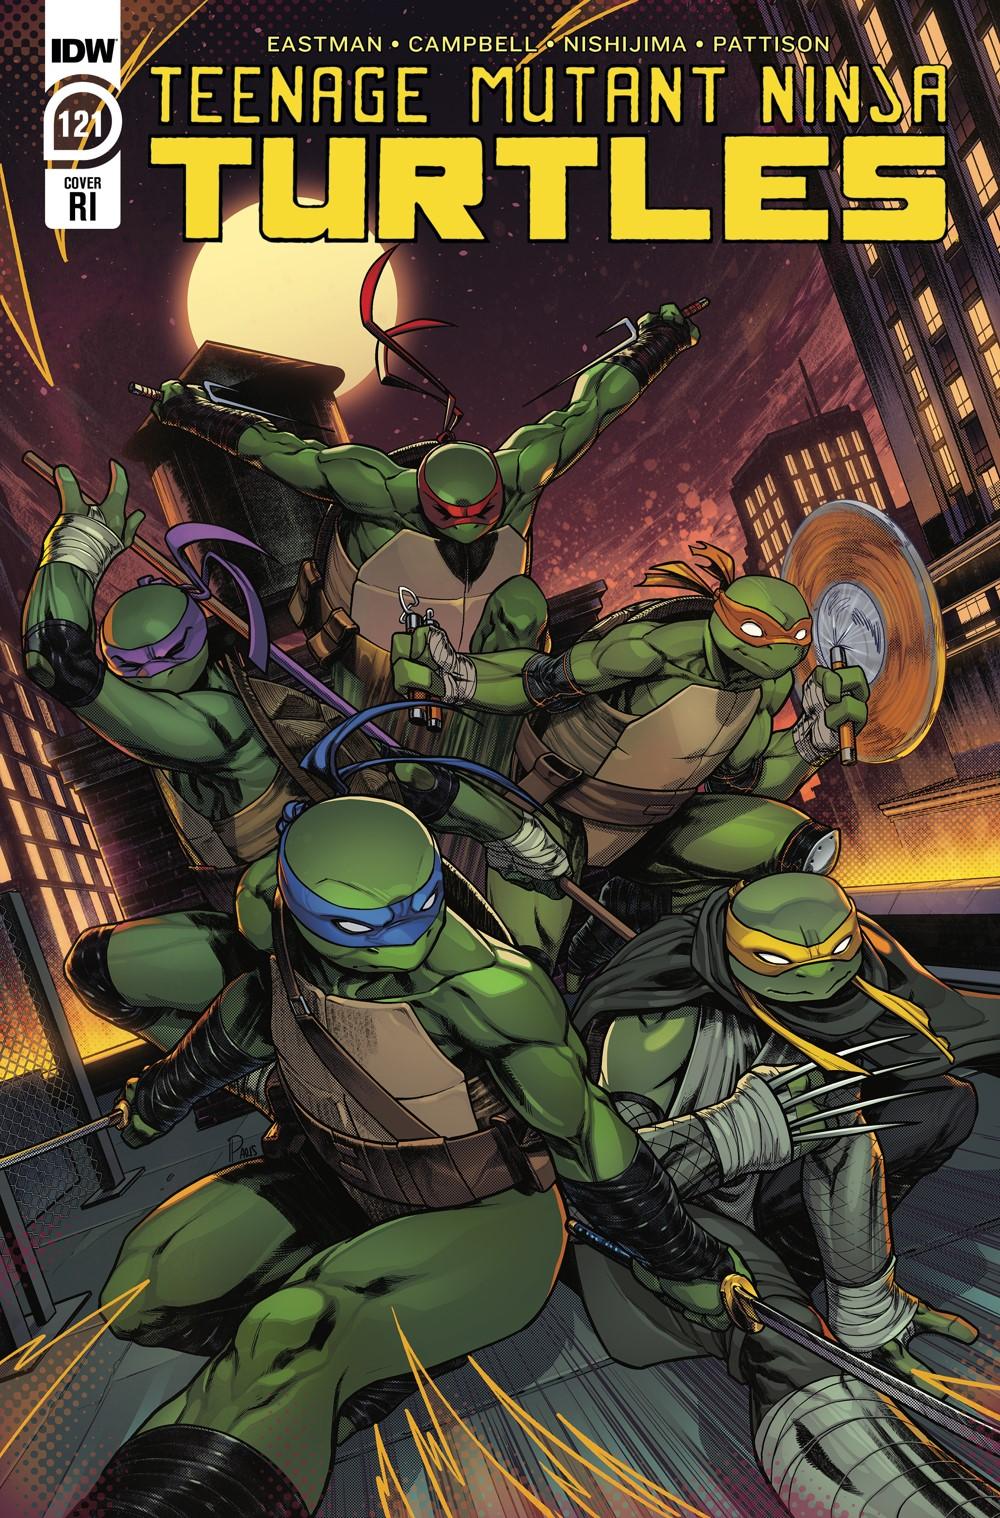 TMNT121_cvrRI ComicList Previews: TEENAGE MUTANT NINJA TURTLES #121